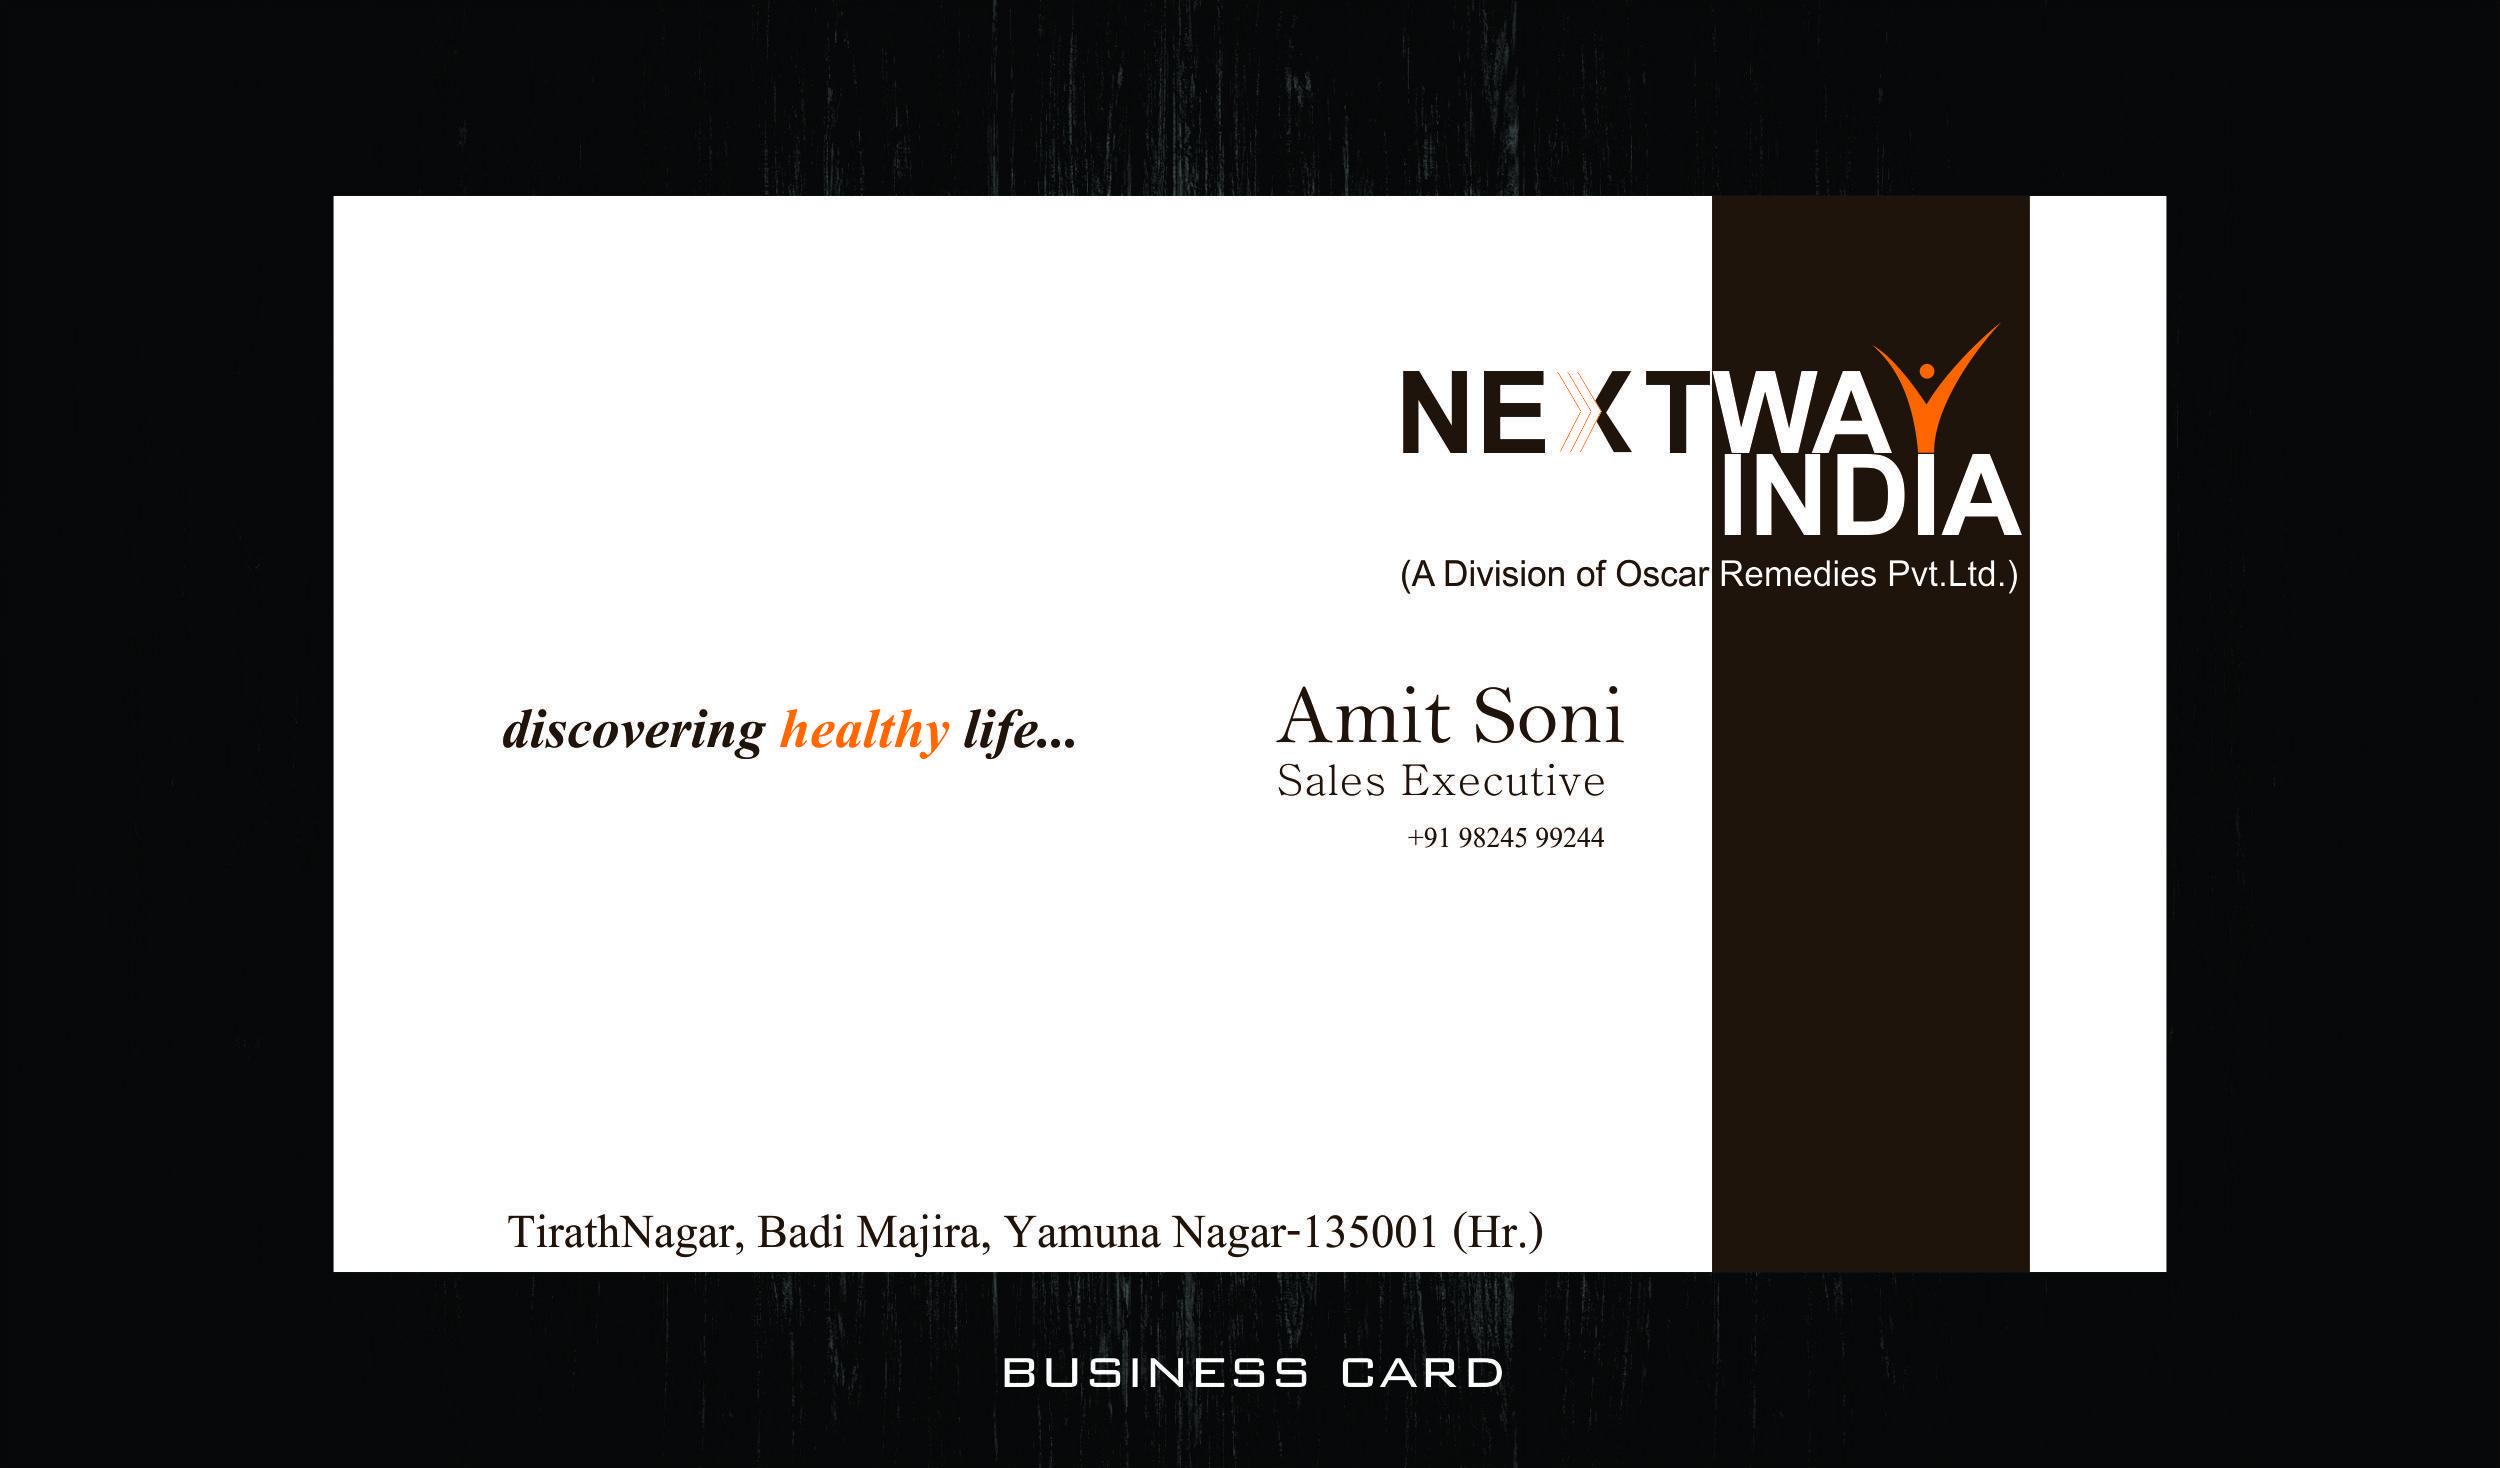 Next way indiav card business card design pinterest business next way indiav card reheart Images